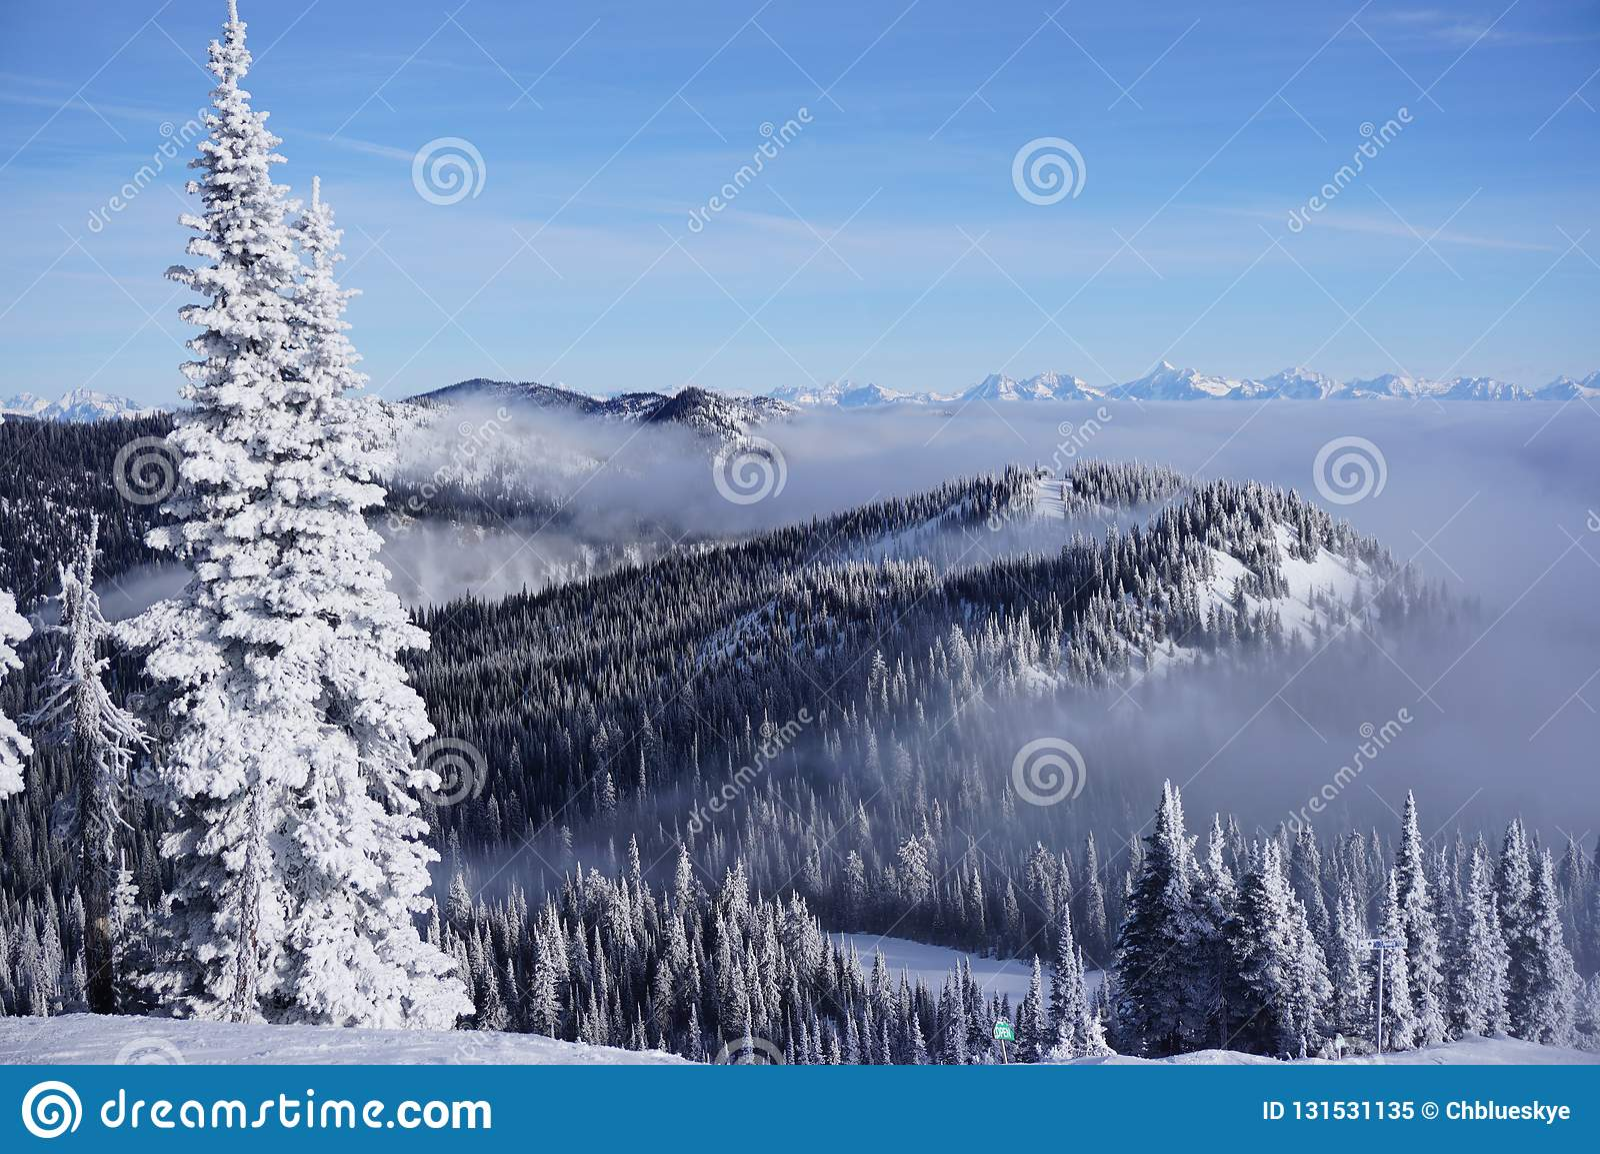 Fantasma da neve que negligenciam o vale nuvem-coberto e picos que espreitam acima dele no recurso do peixe branco